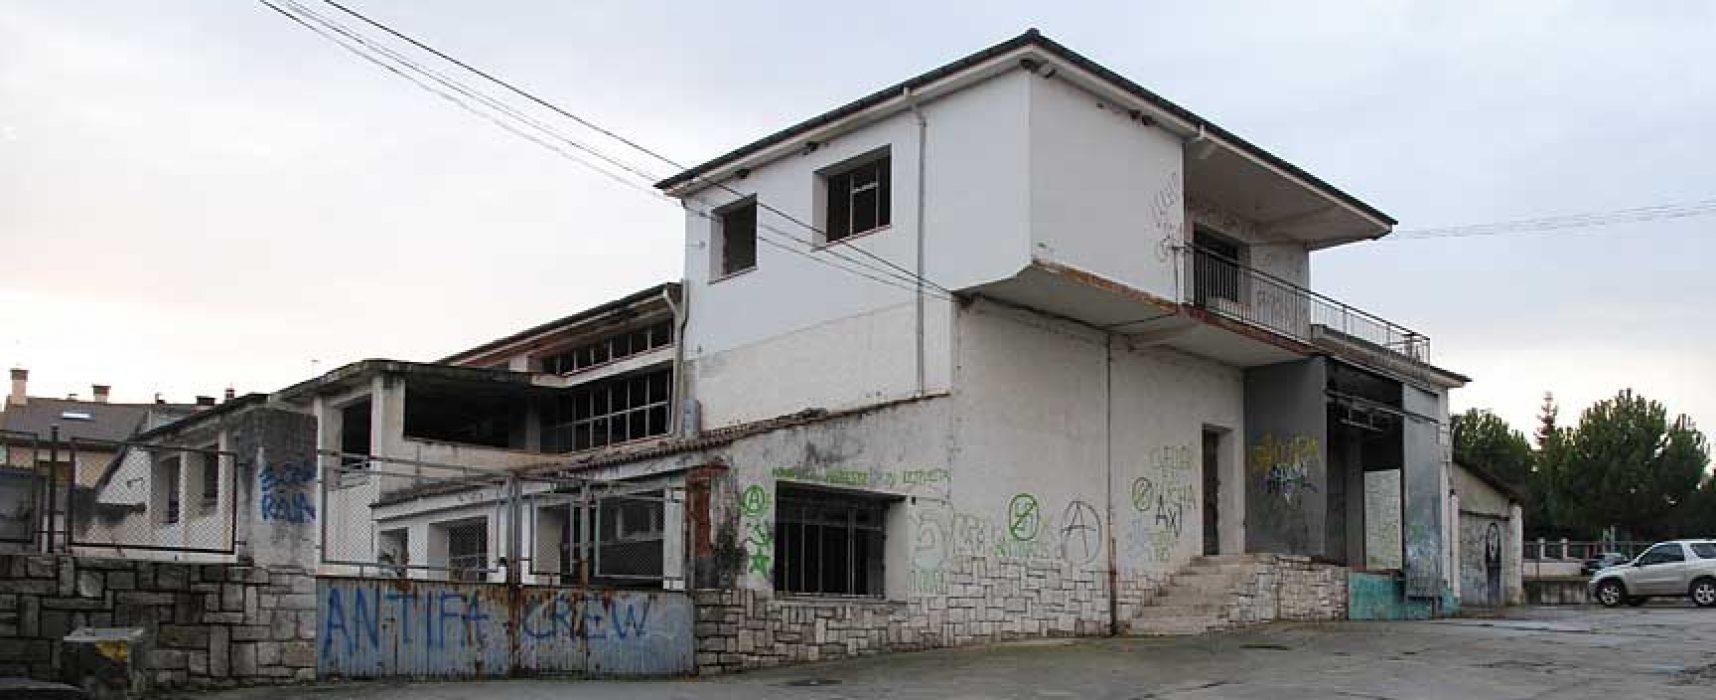 El Ayuntamiento dispone ya del proyecto de derribo del antiguo matadero